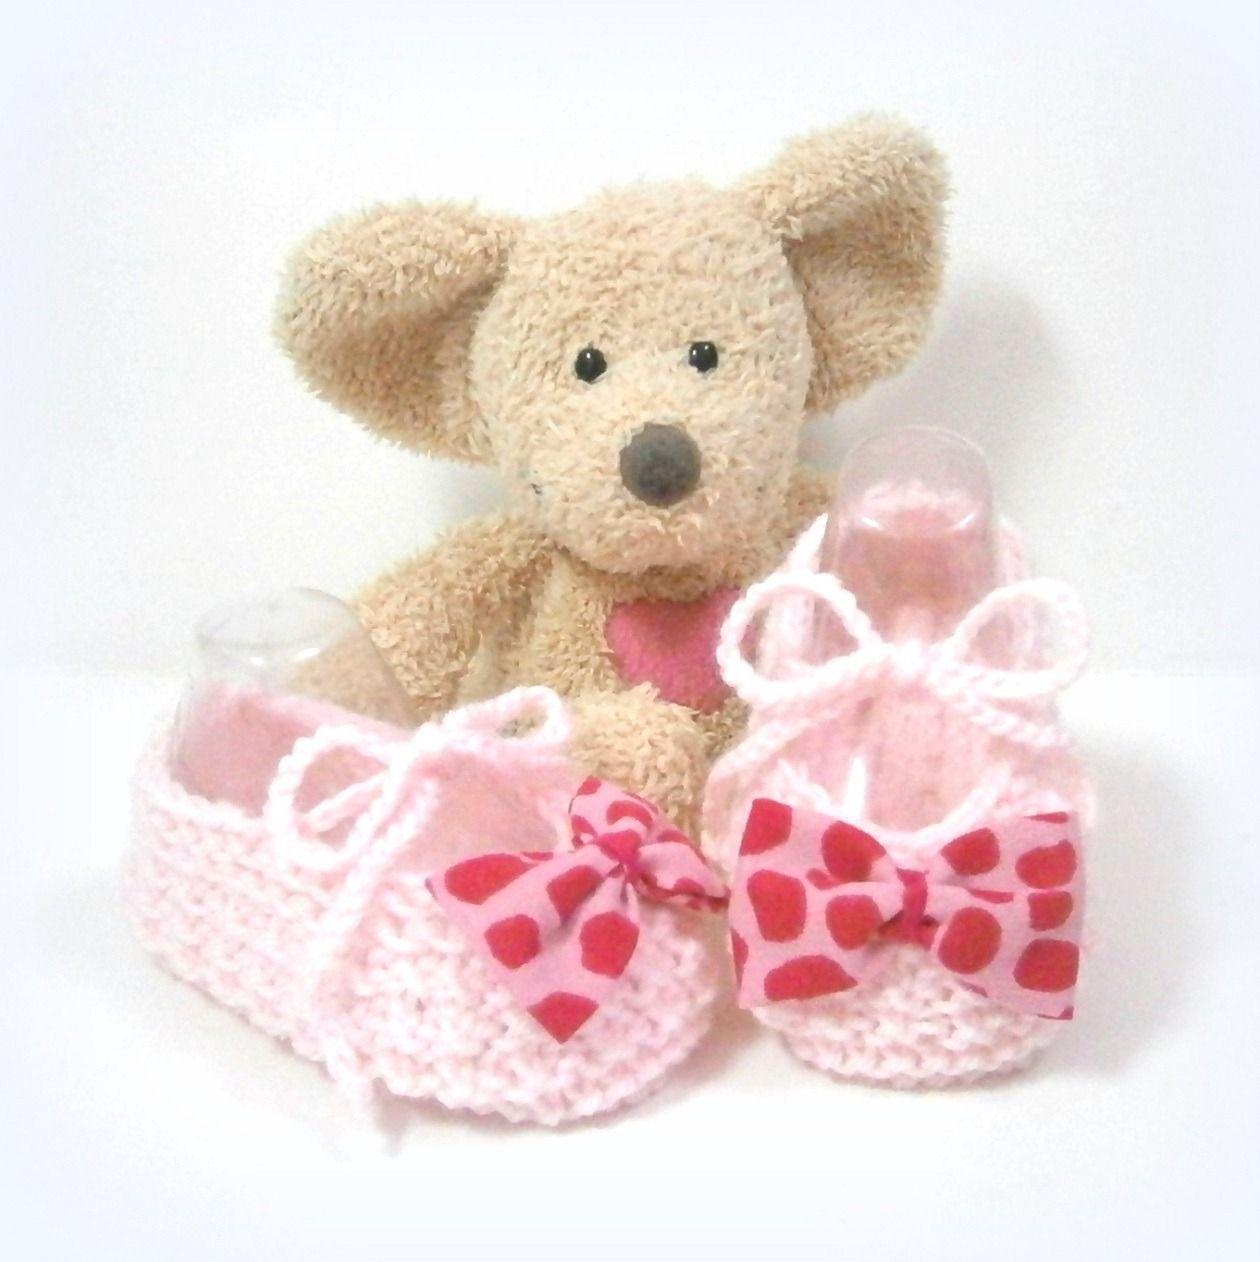 Chaussons bébé ballerines roses en mérinos noeud imprimé panthère rose et fuchsia taille 3 mois Tricotmuse : Mode Bébé par tricotmuse